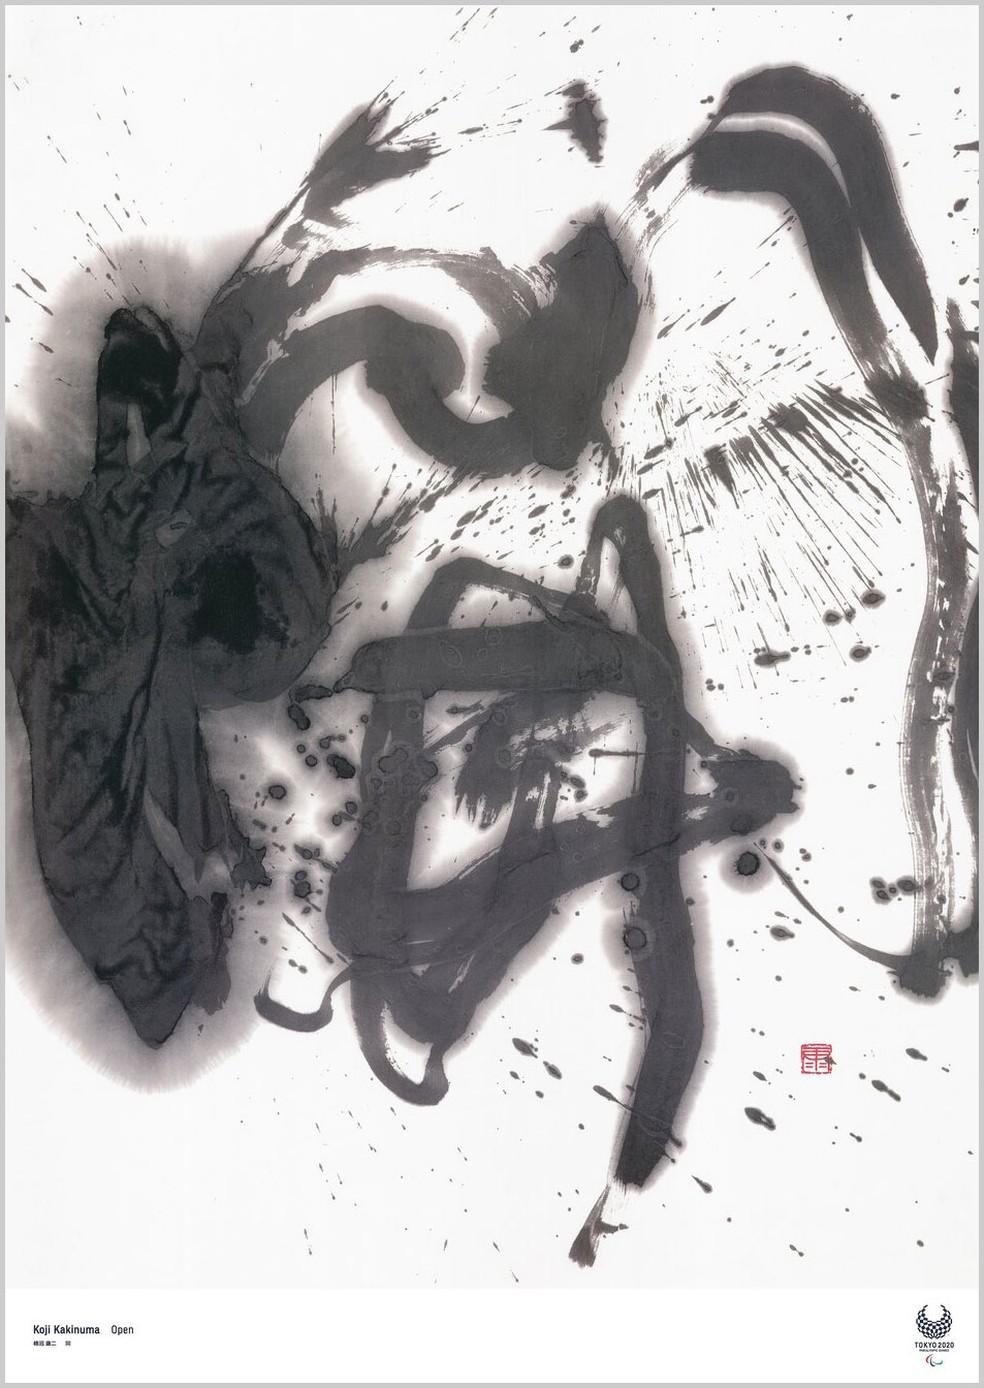 Koji Kakinuma / Caligrafista — Foto: Reprodução